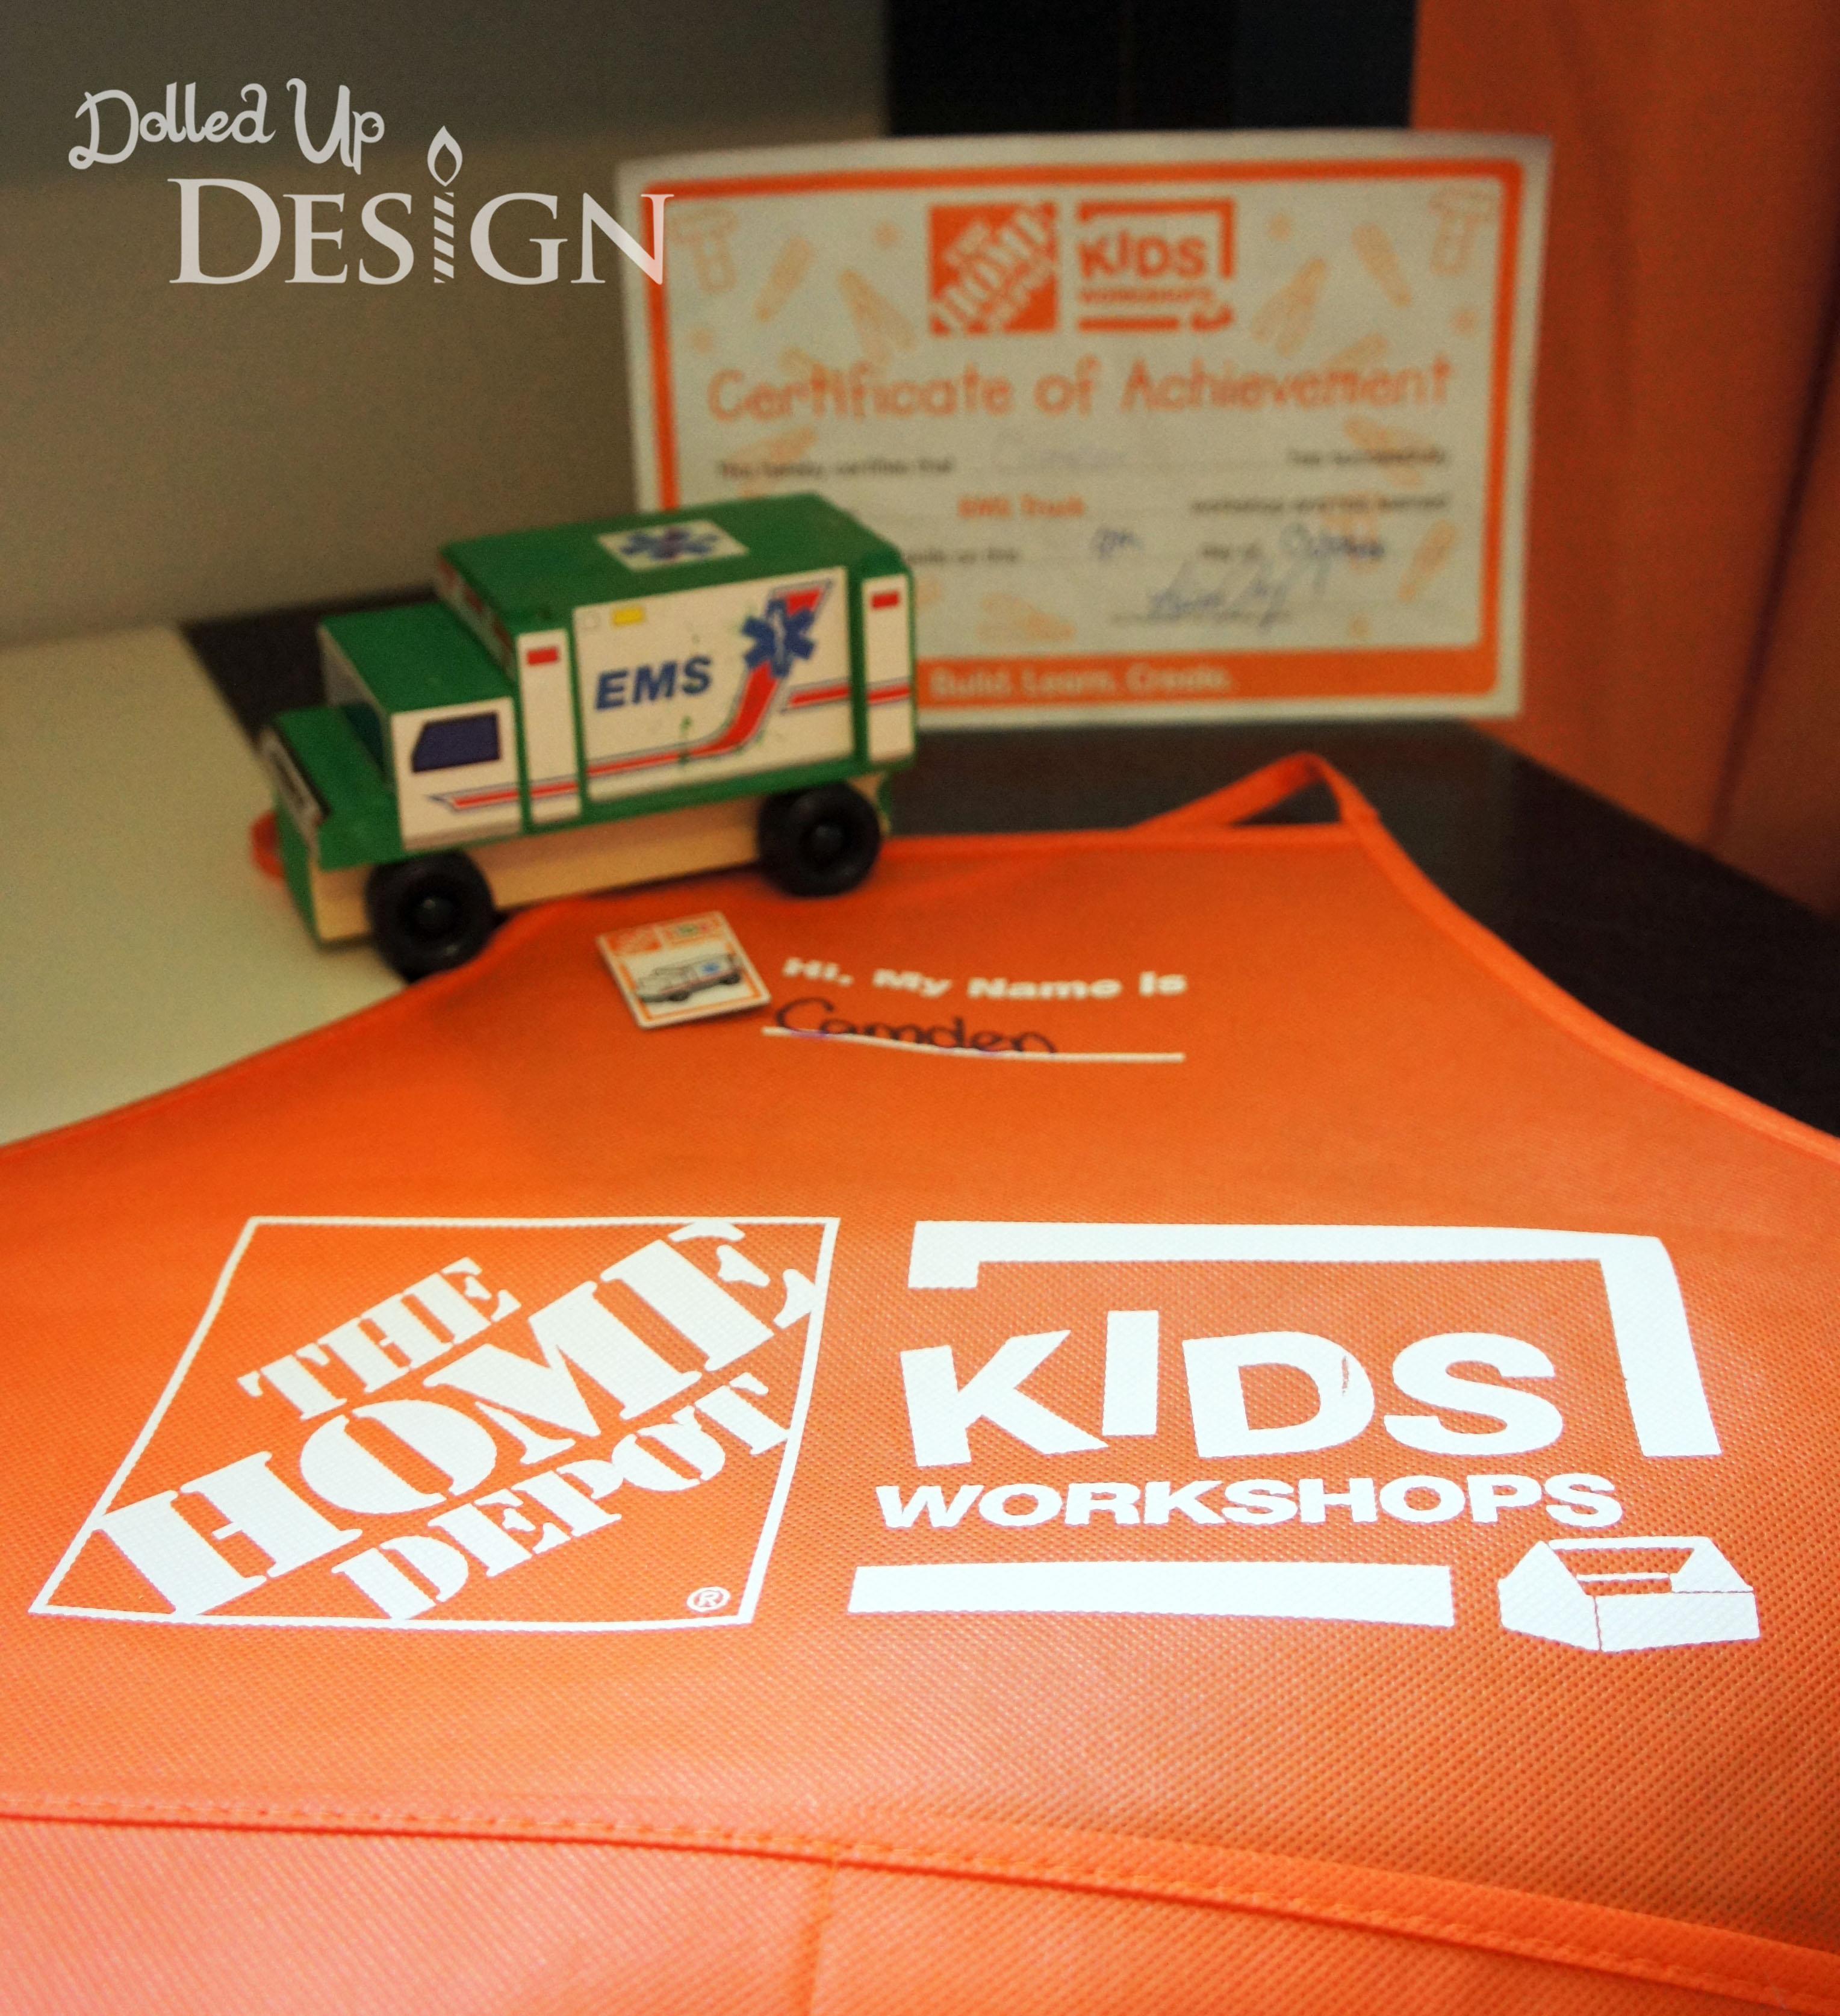 Home depot kids workshop for Kids crafts at home depot